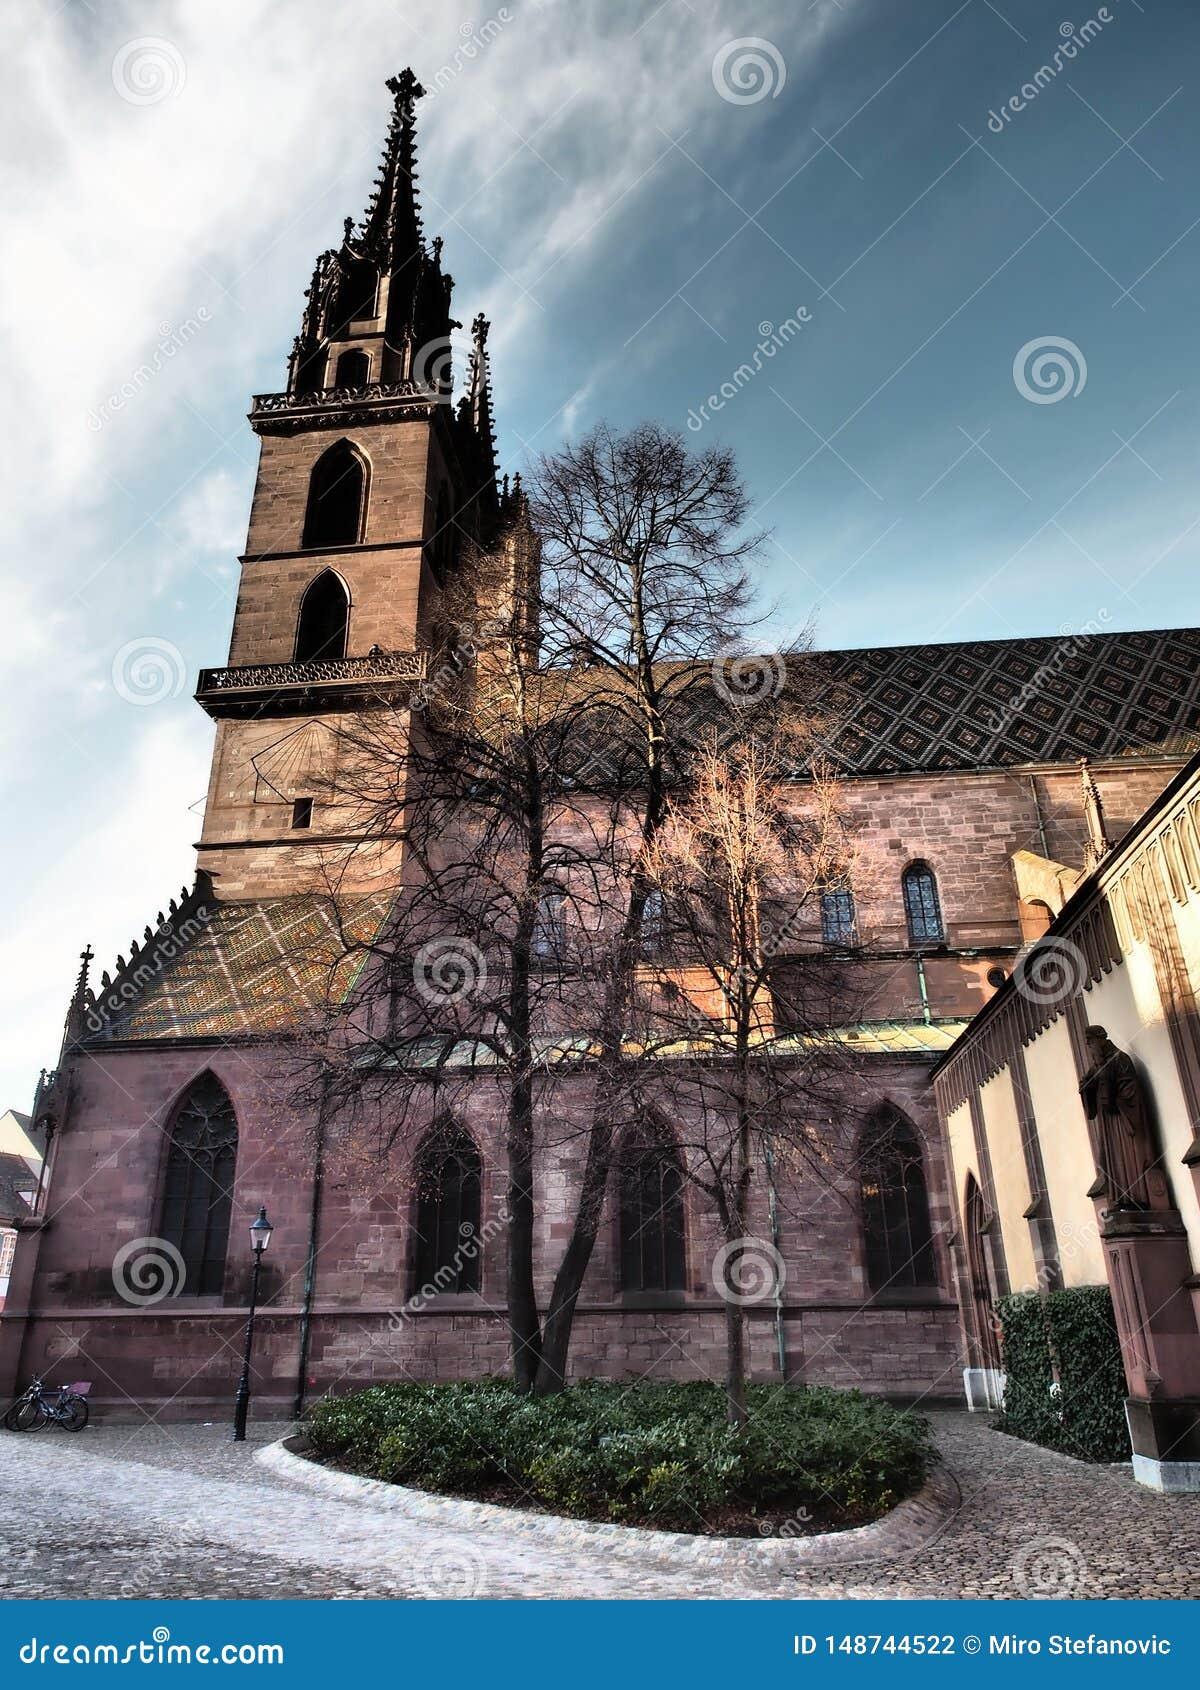 Базель - монастырская церковь - Швейцария 2019